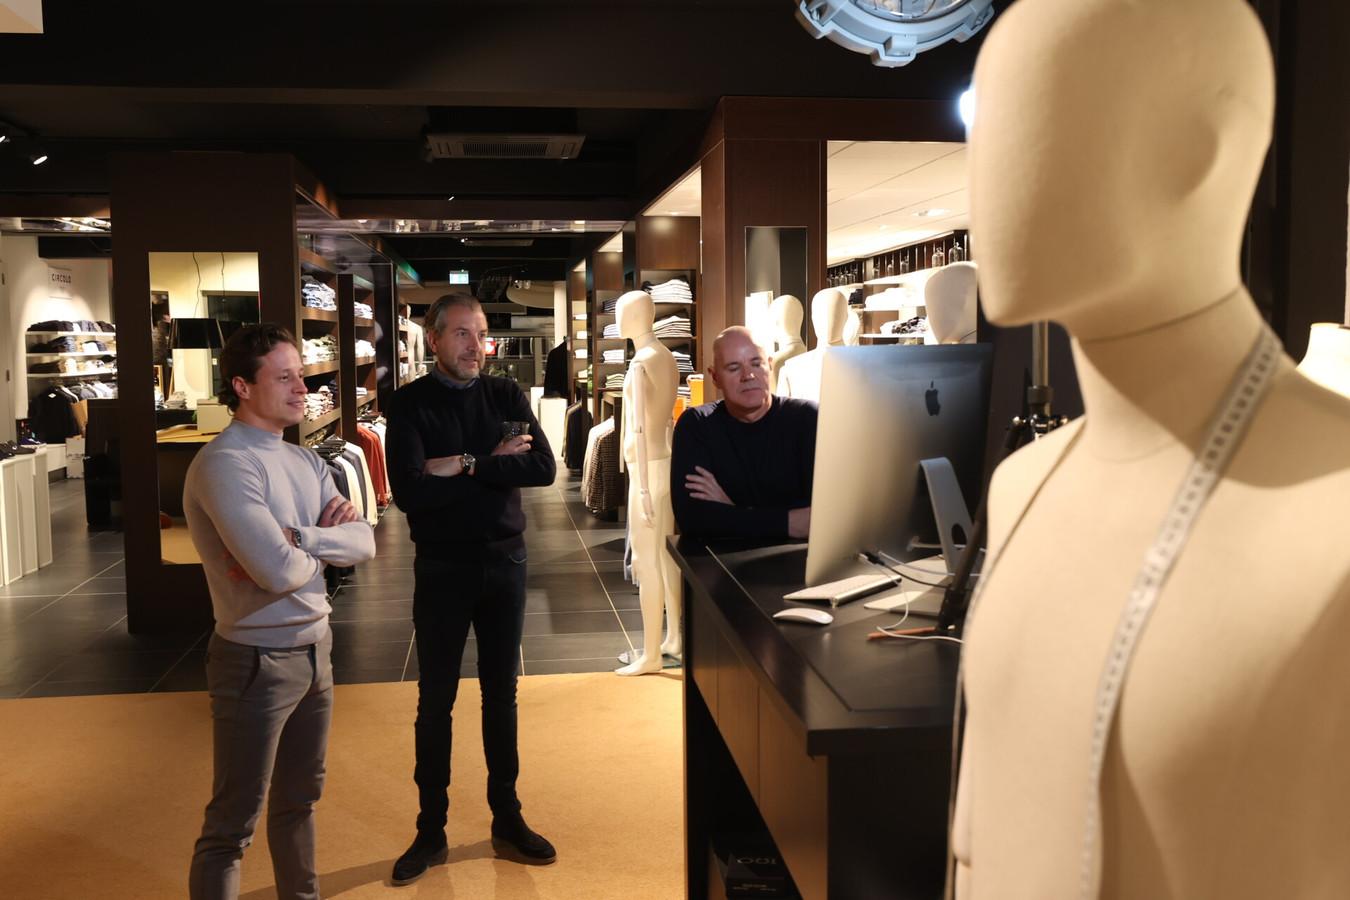 Sten Burghouts, Niels Wildenberg en Jan Burghouts volgen de persconferentie in hun modezaak op de Kleine Berg in Eindhoven.